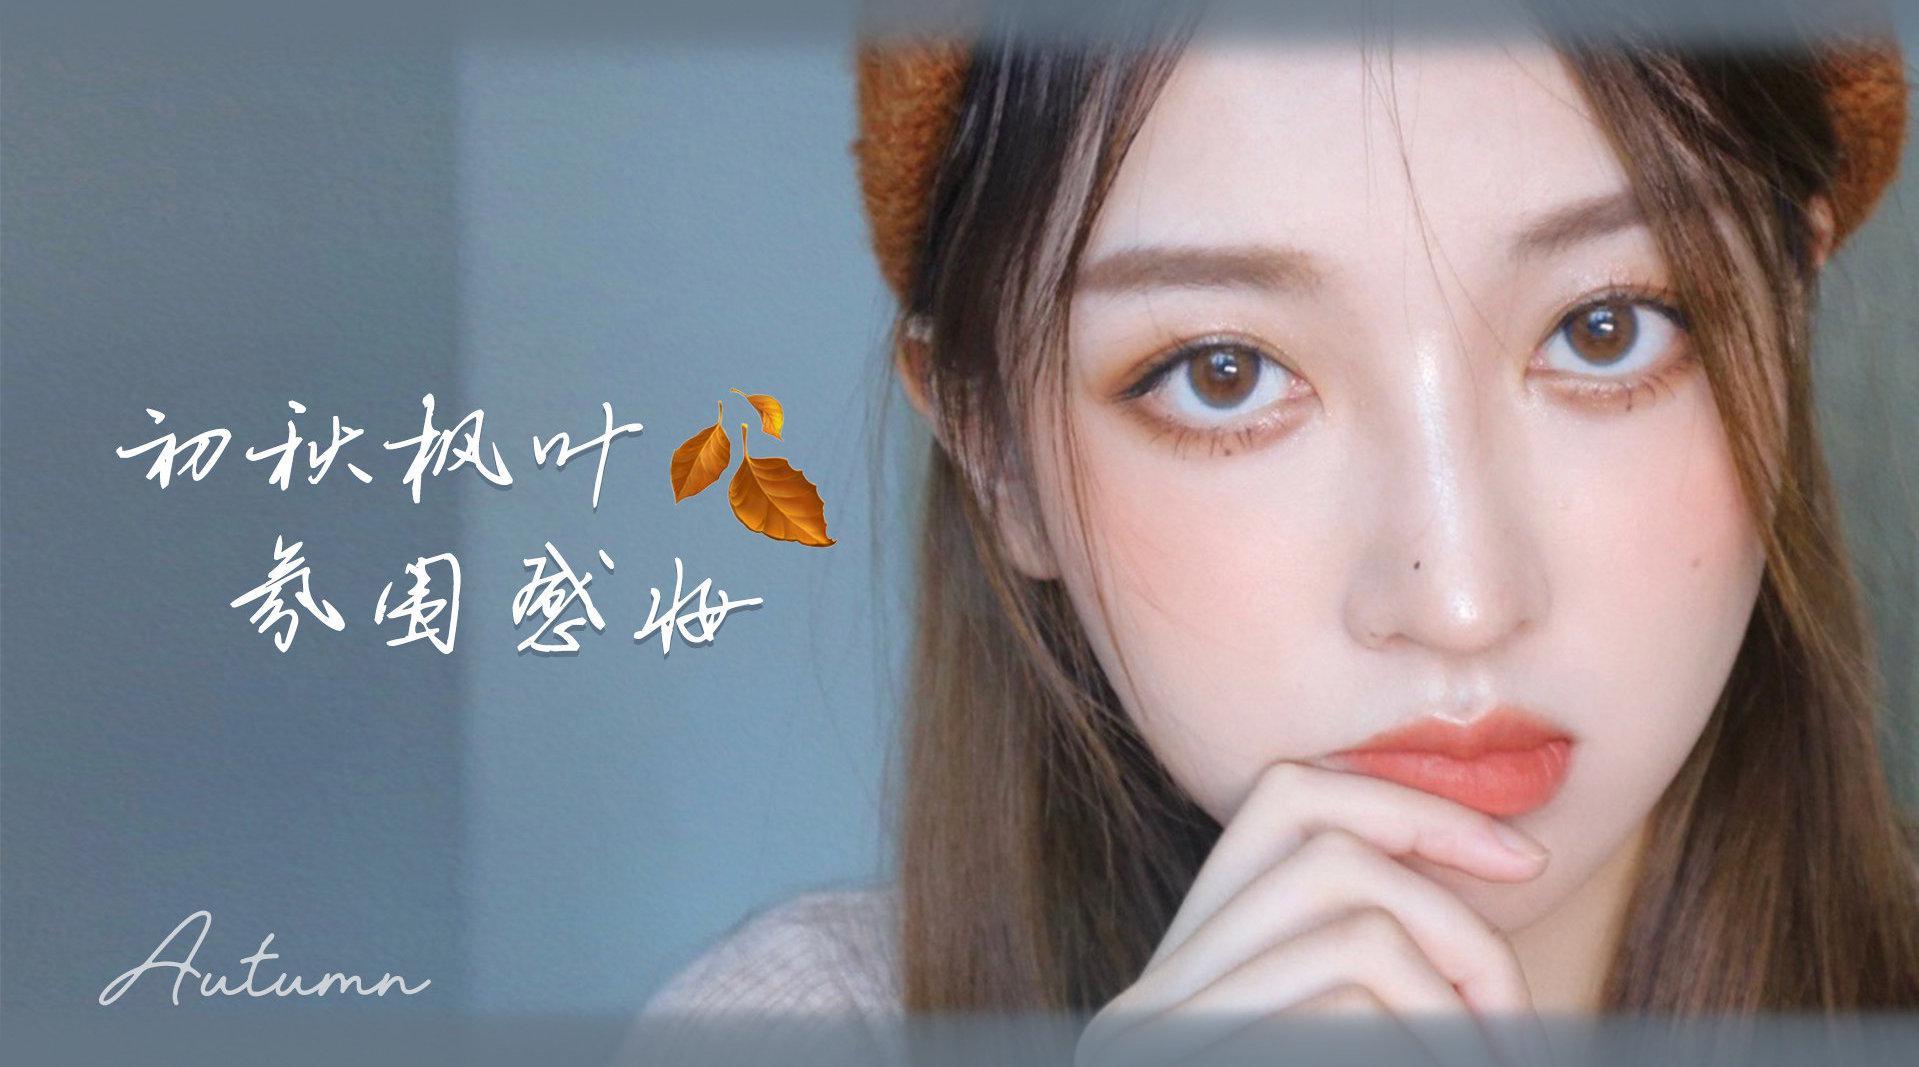 初秋枫叶氛围感妆「初秋枫叶 氛围感妆容」 美妆博主上线!